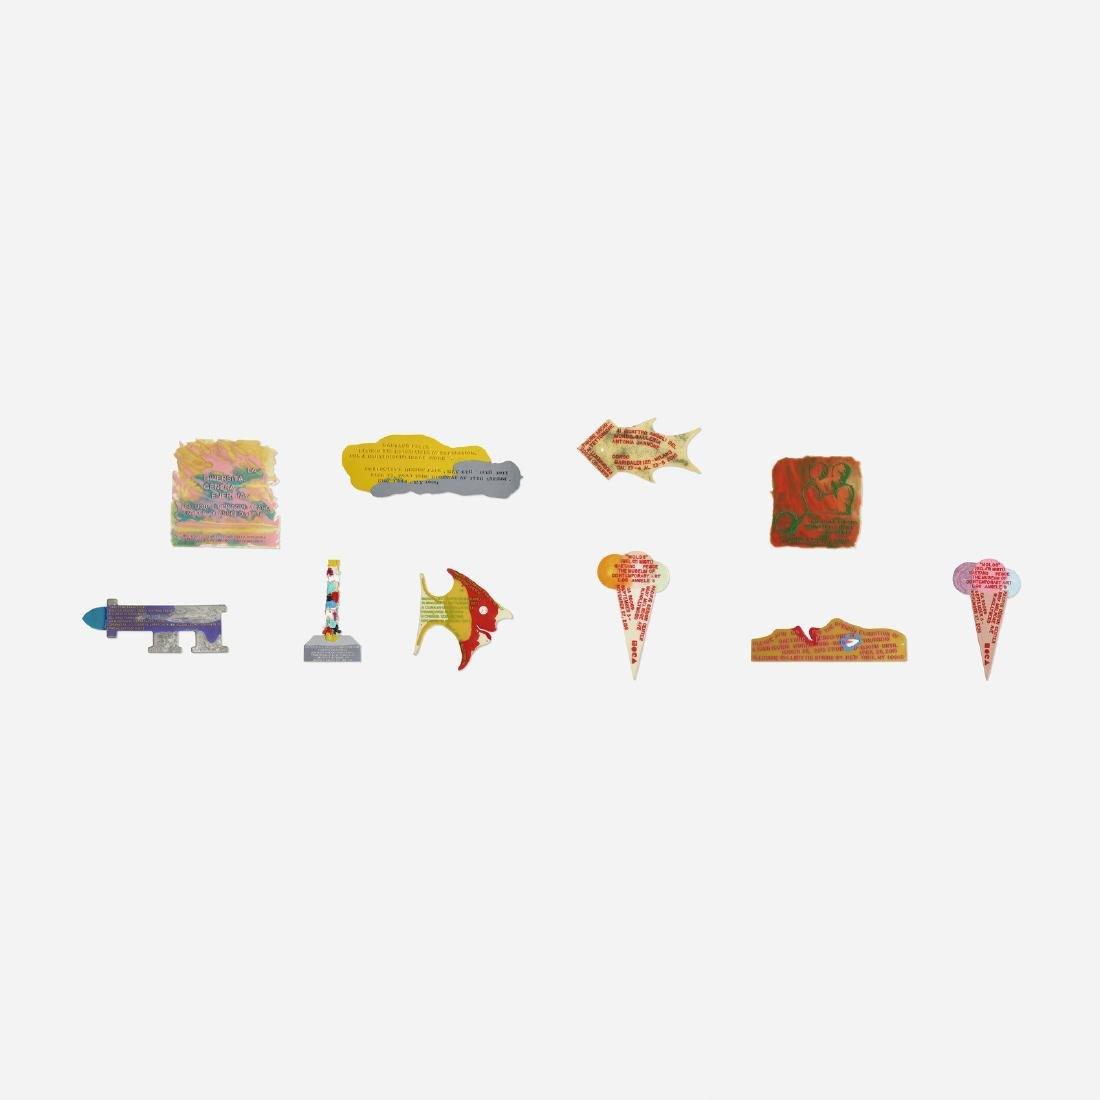 Gaetano Pesce, collection of ten invitations